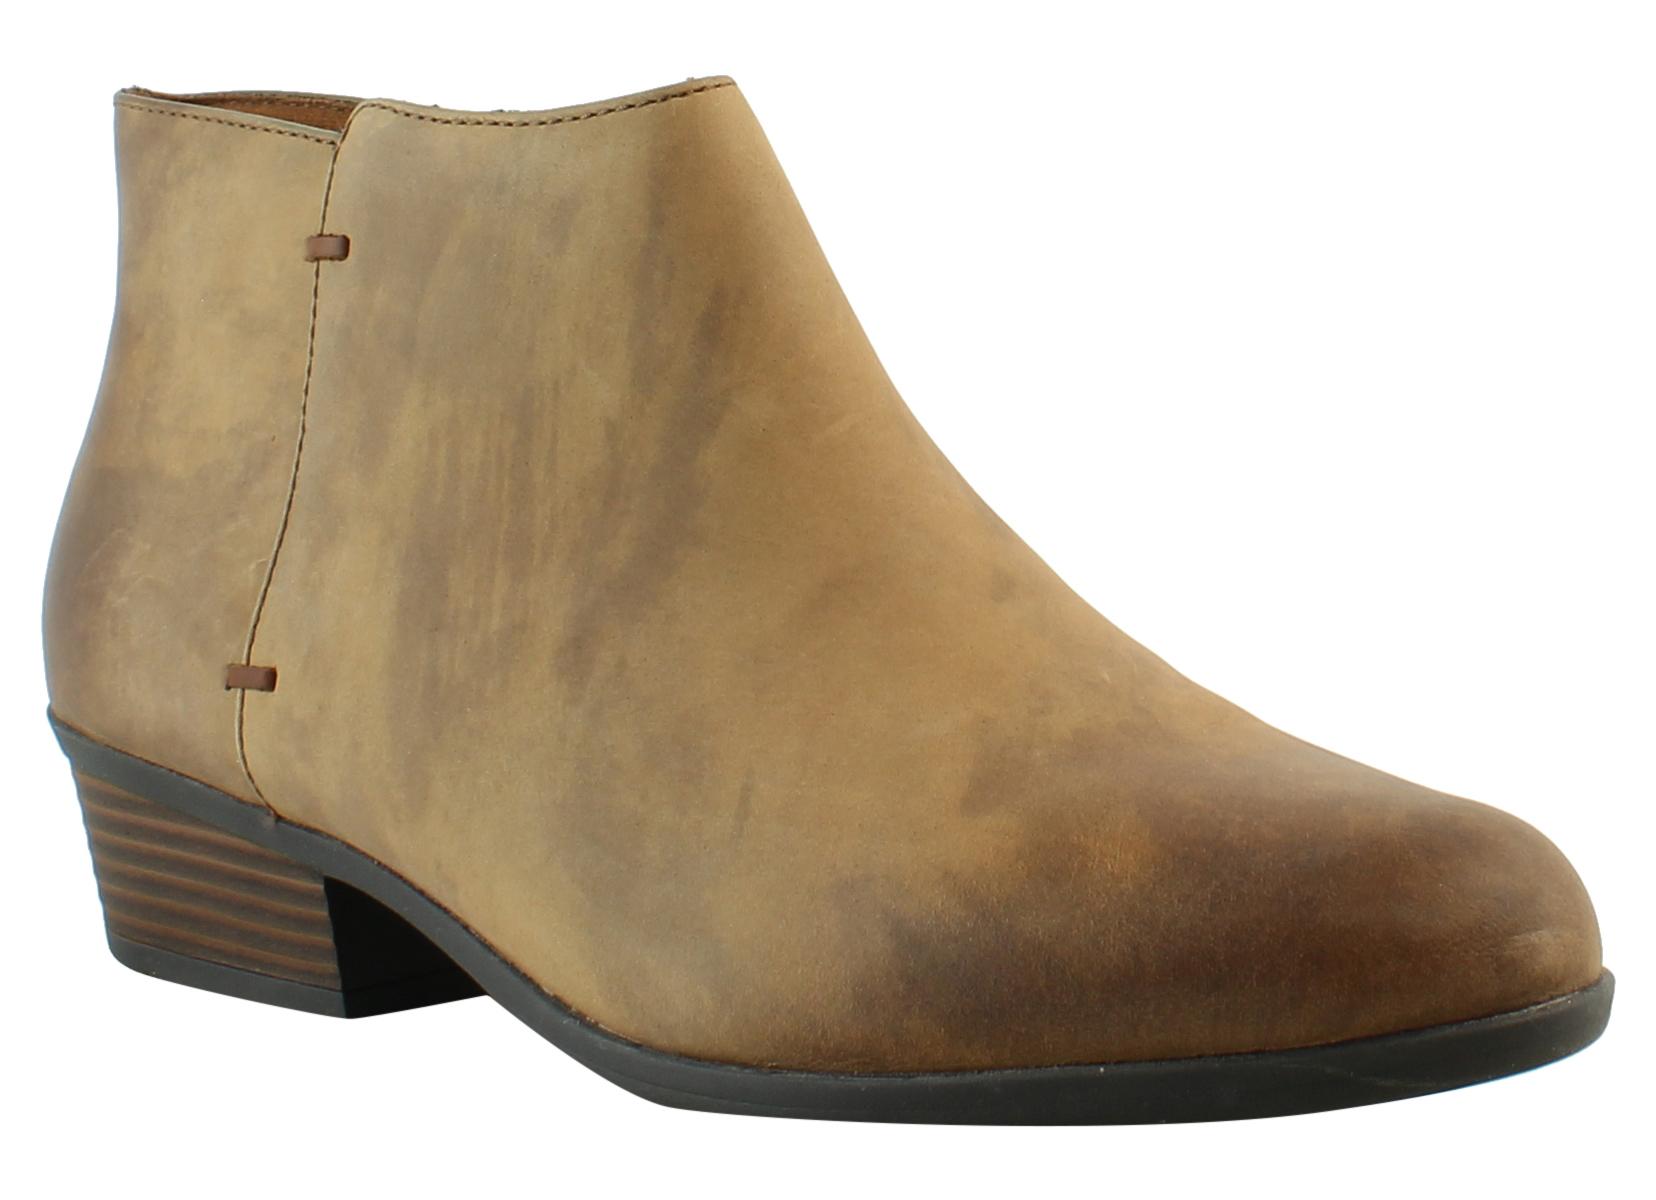 Clarks Womens Addiy Zora Black Booties Size 10 (257152)